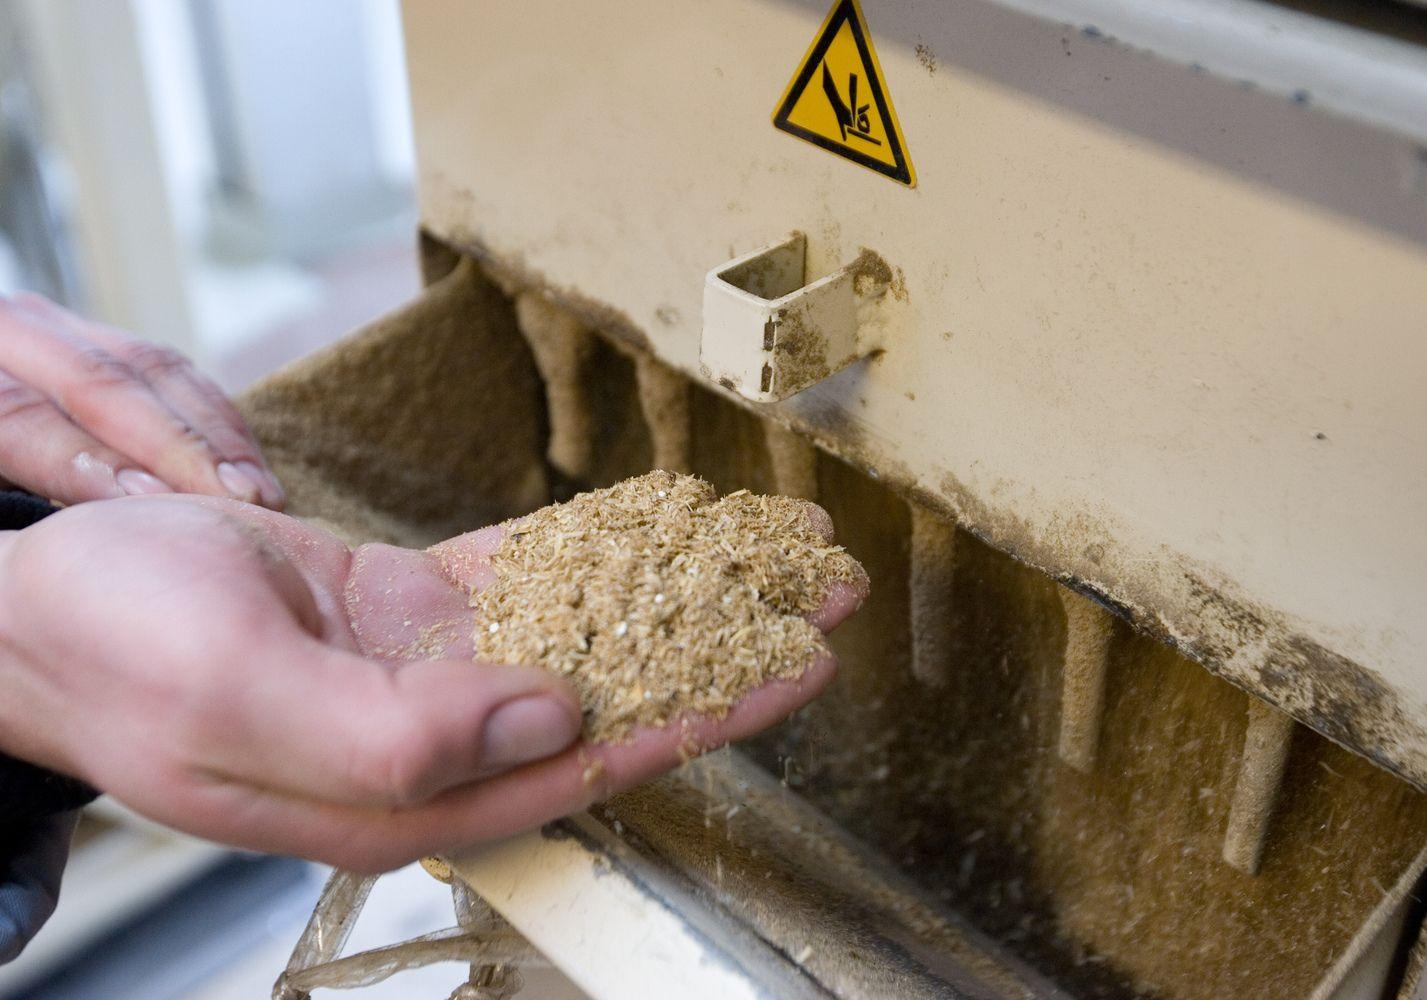 Toliau mažėja lietuviškų grūdų eksporto apimtys